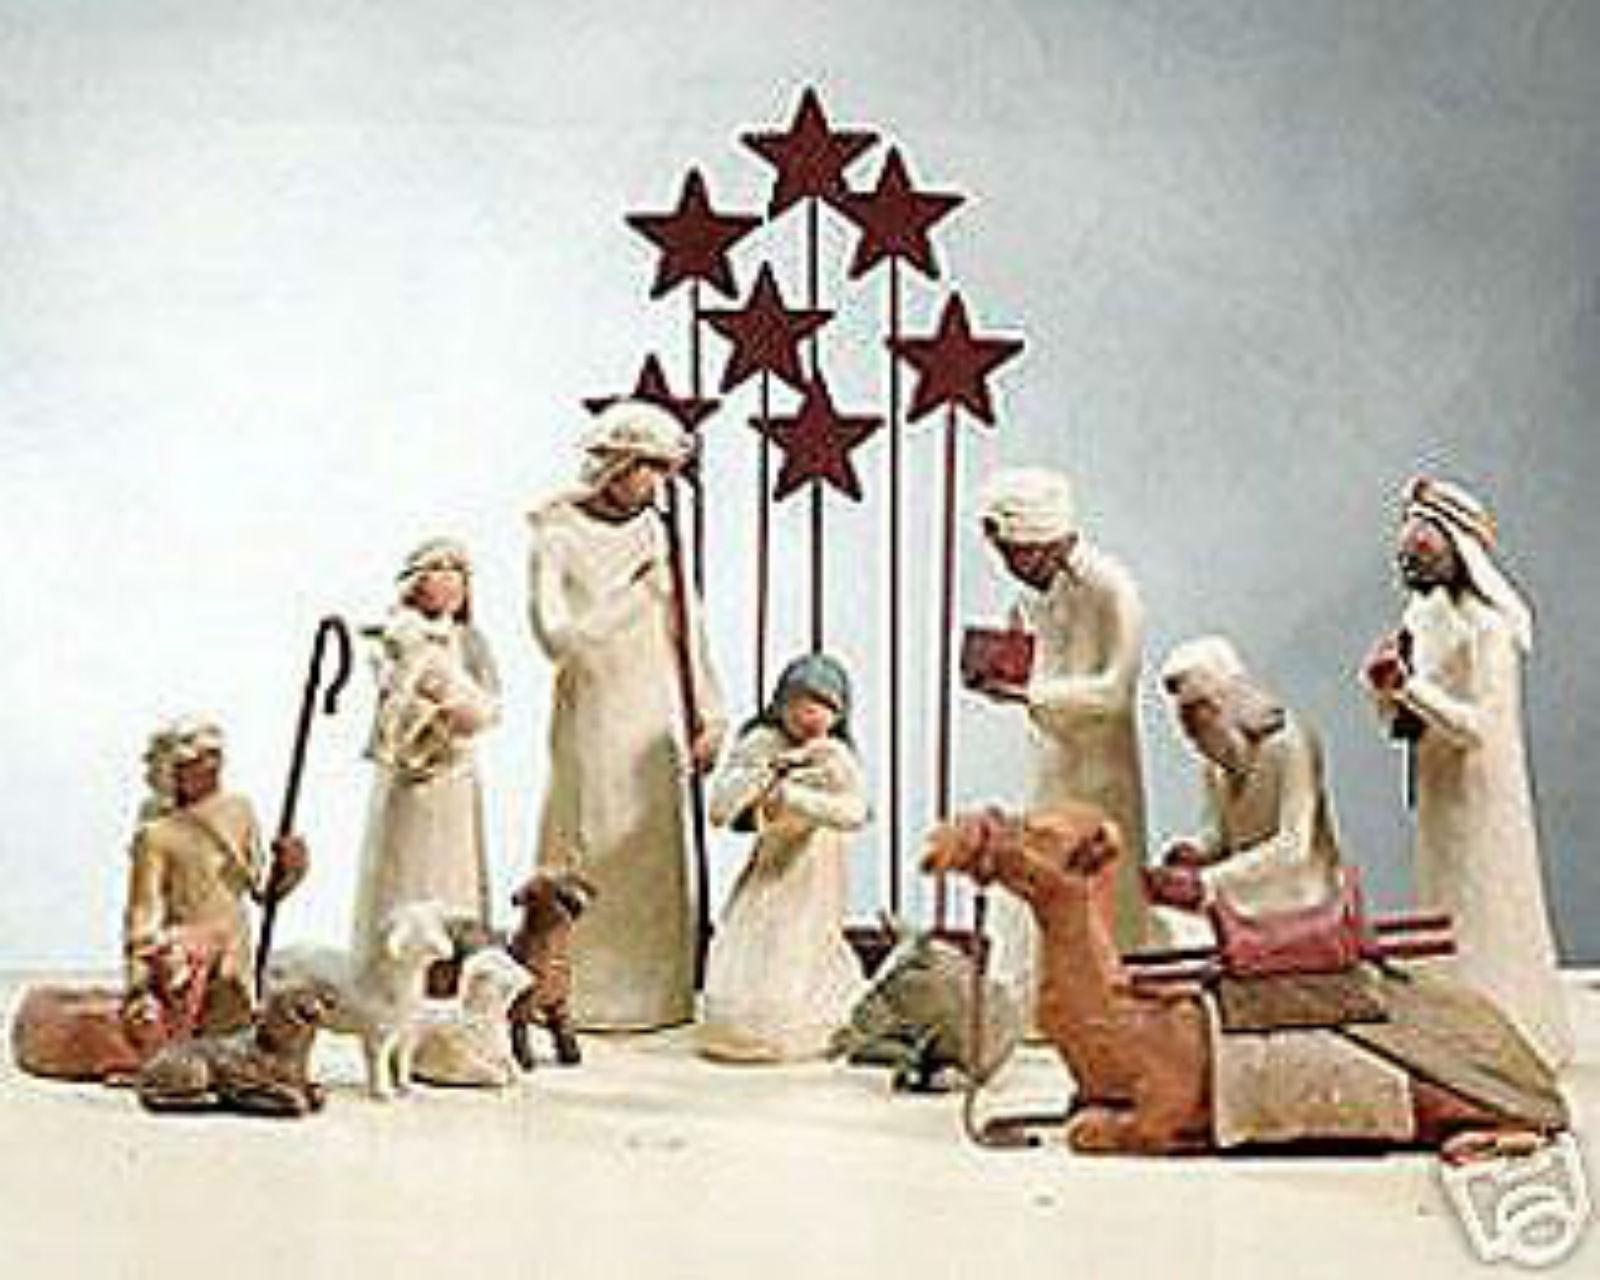 Demdaco Willow Tree Nativity 14 Piece Set | eBay